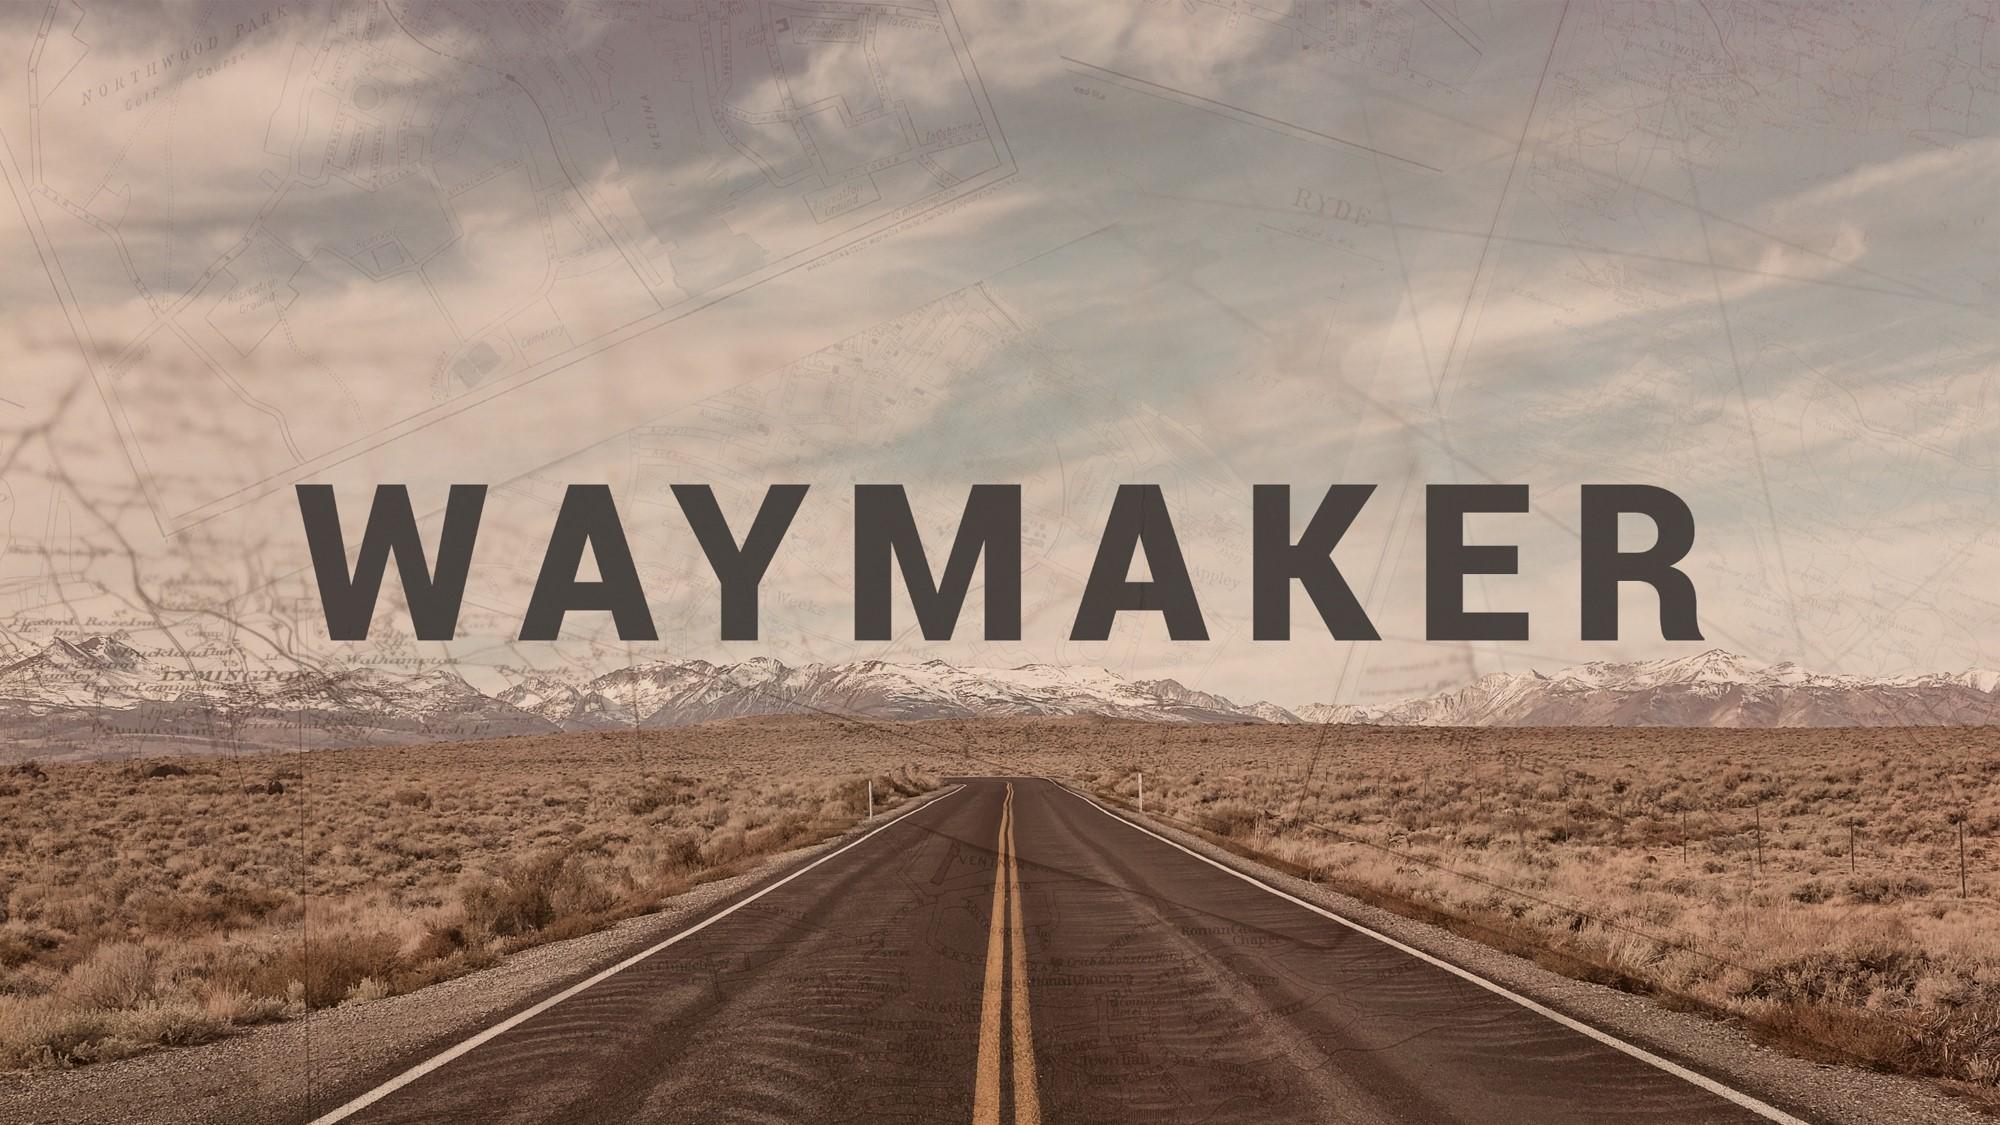 Waymaker - Teil 2 Die große Befreiung [video]